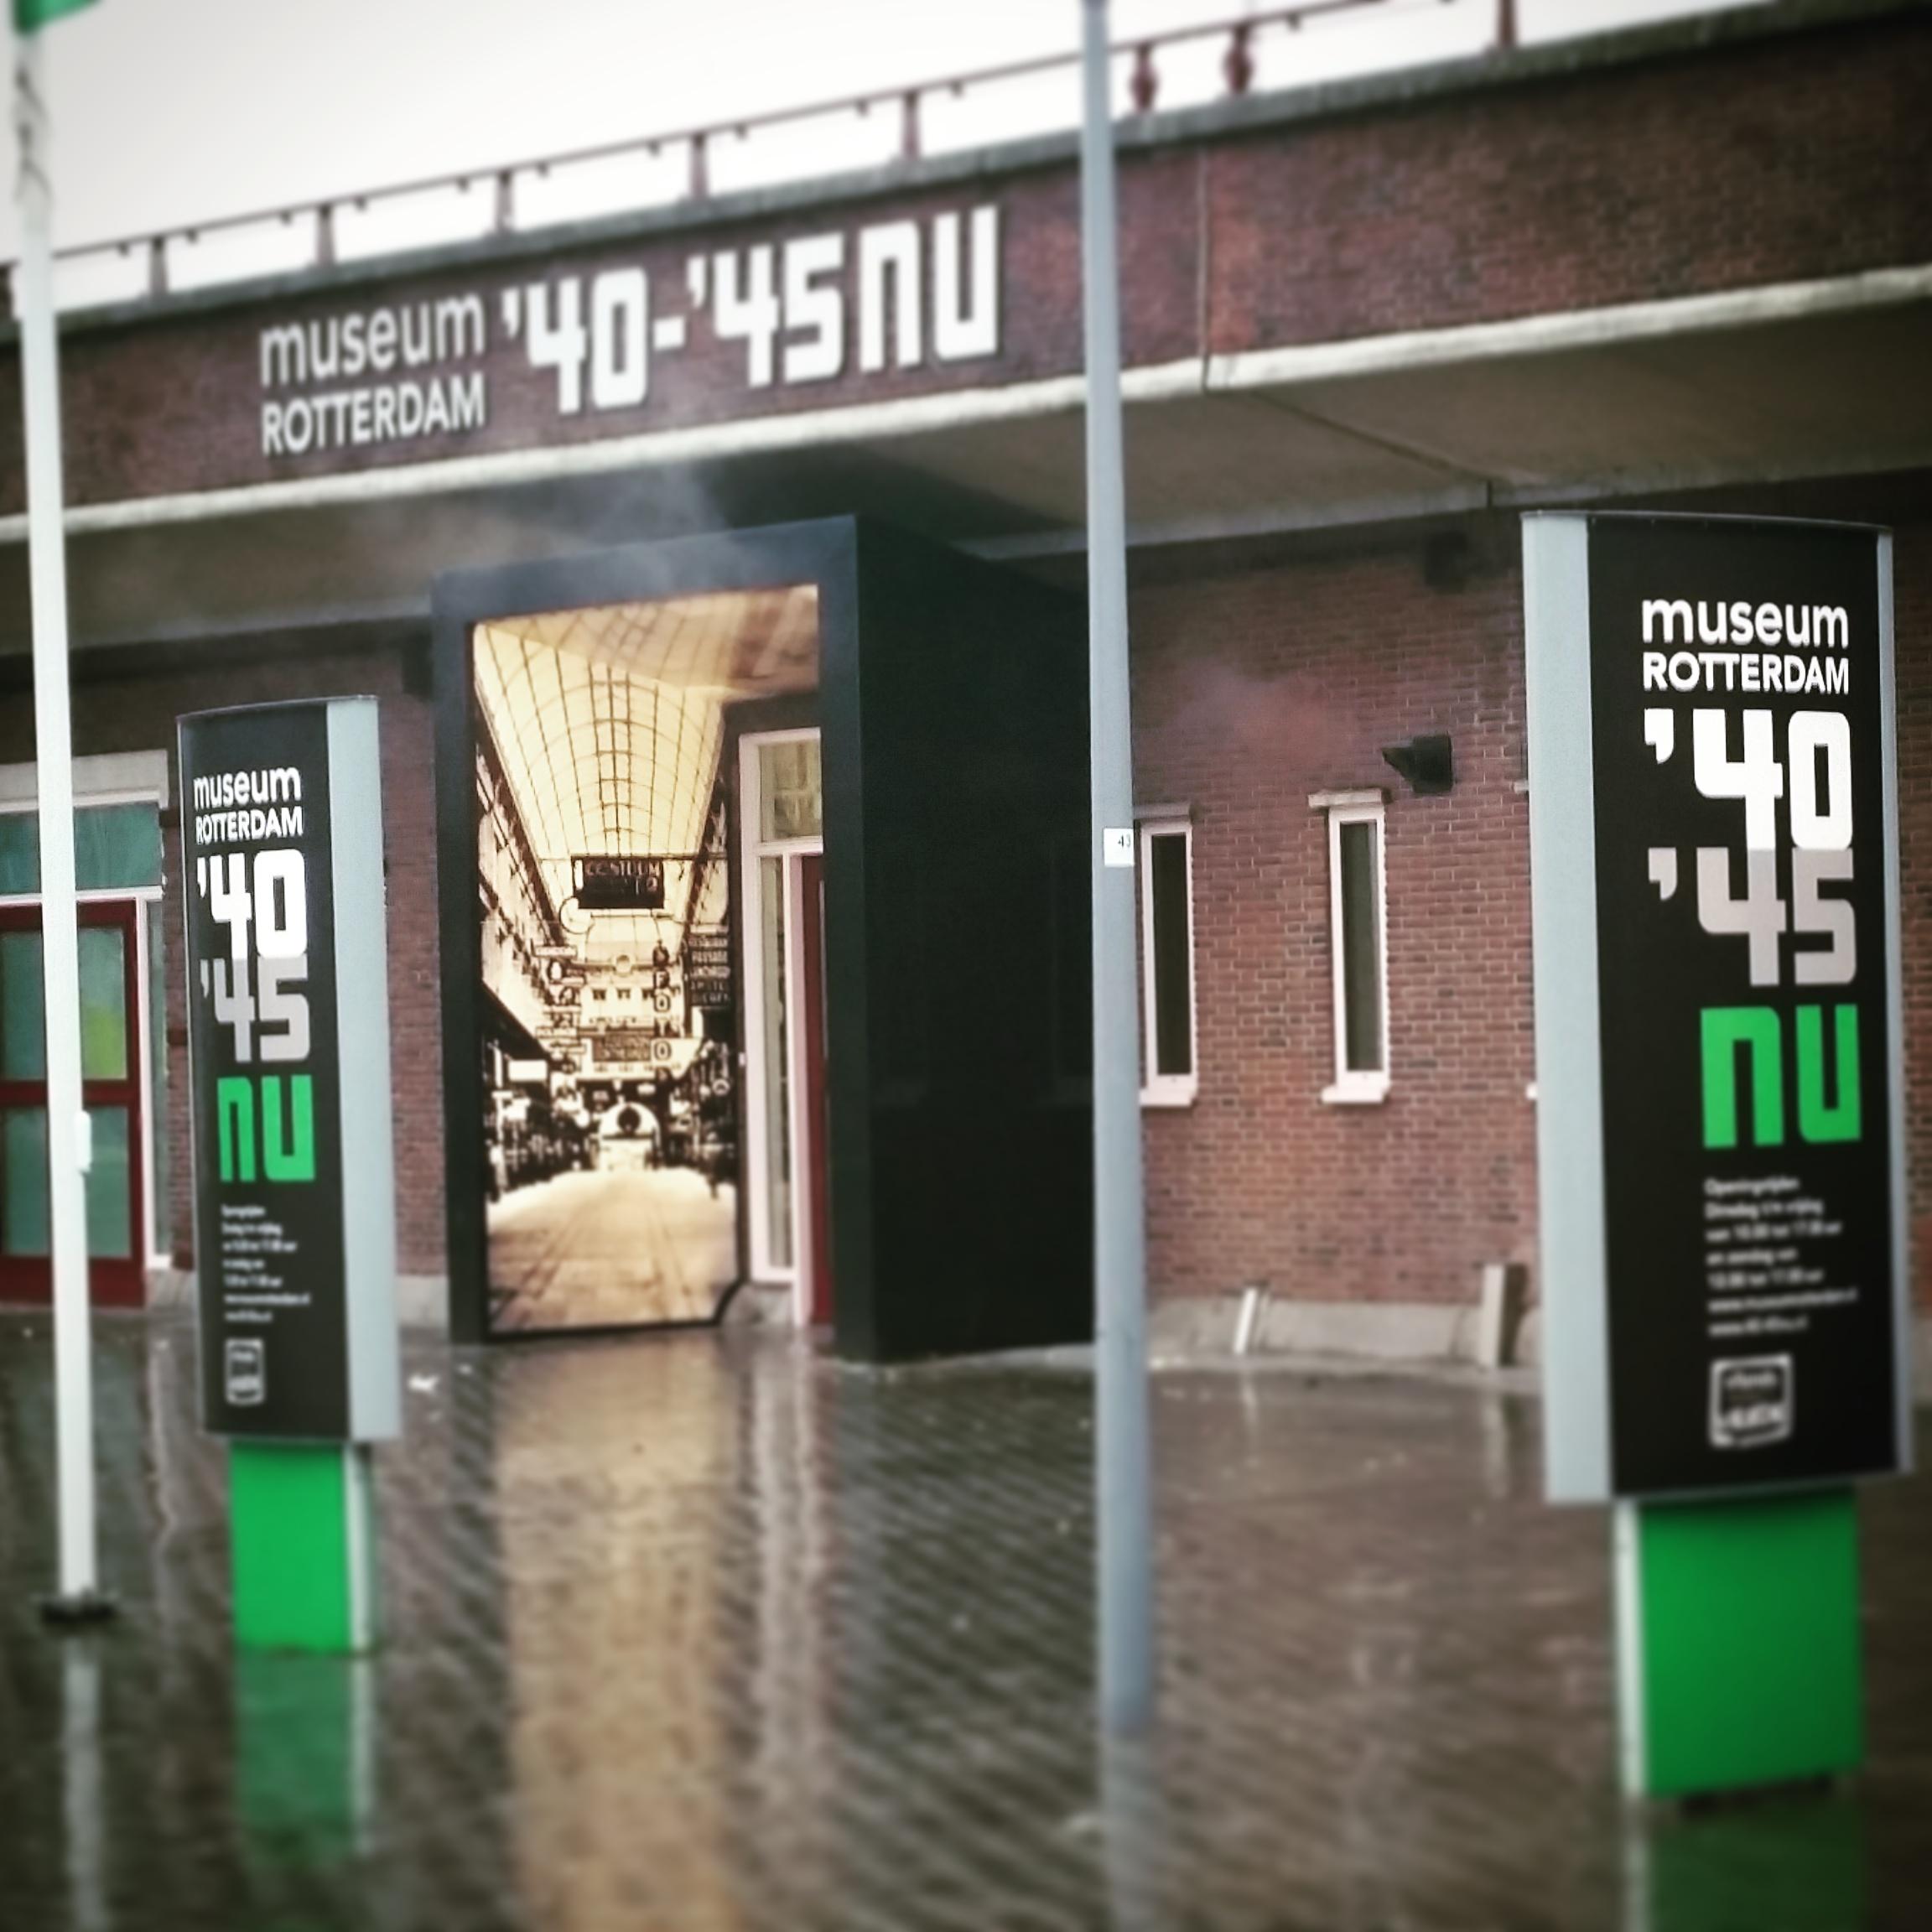 Rotterdam Museum/'40-'45nu – Rotterdam